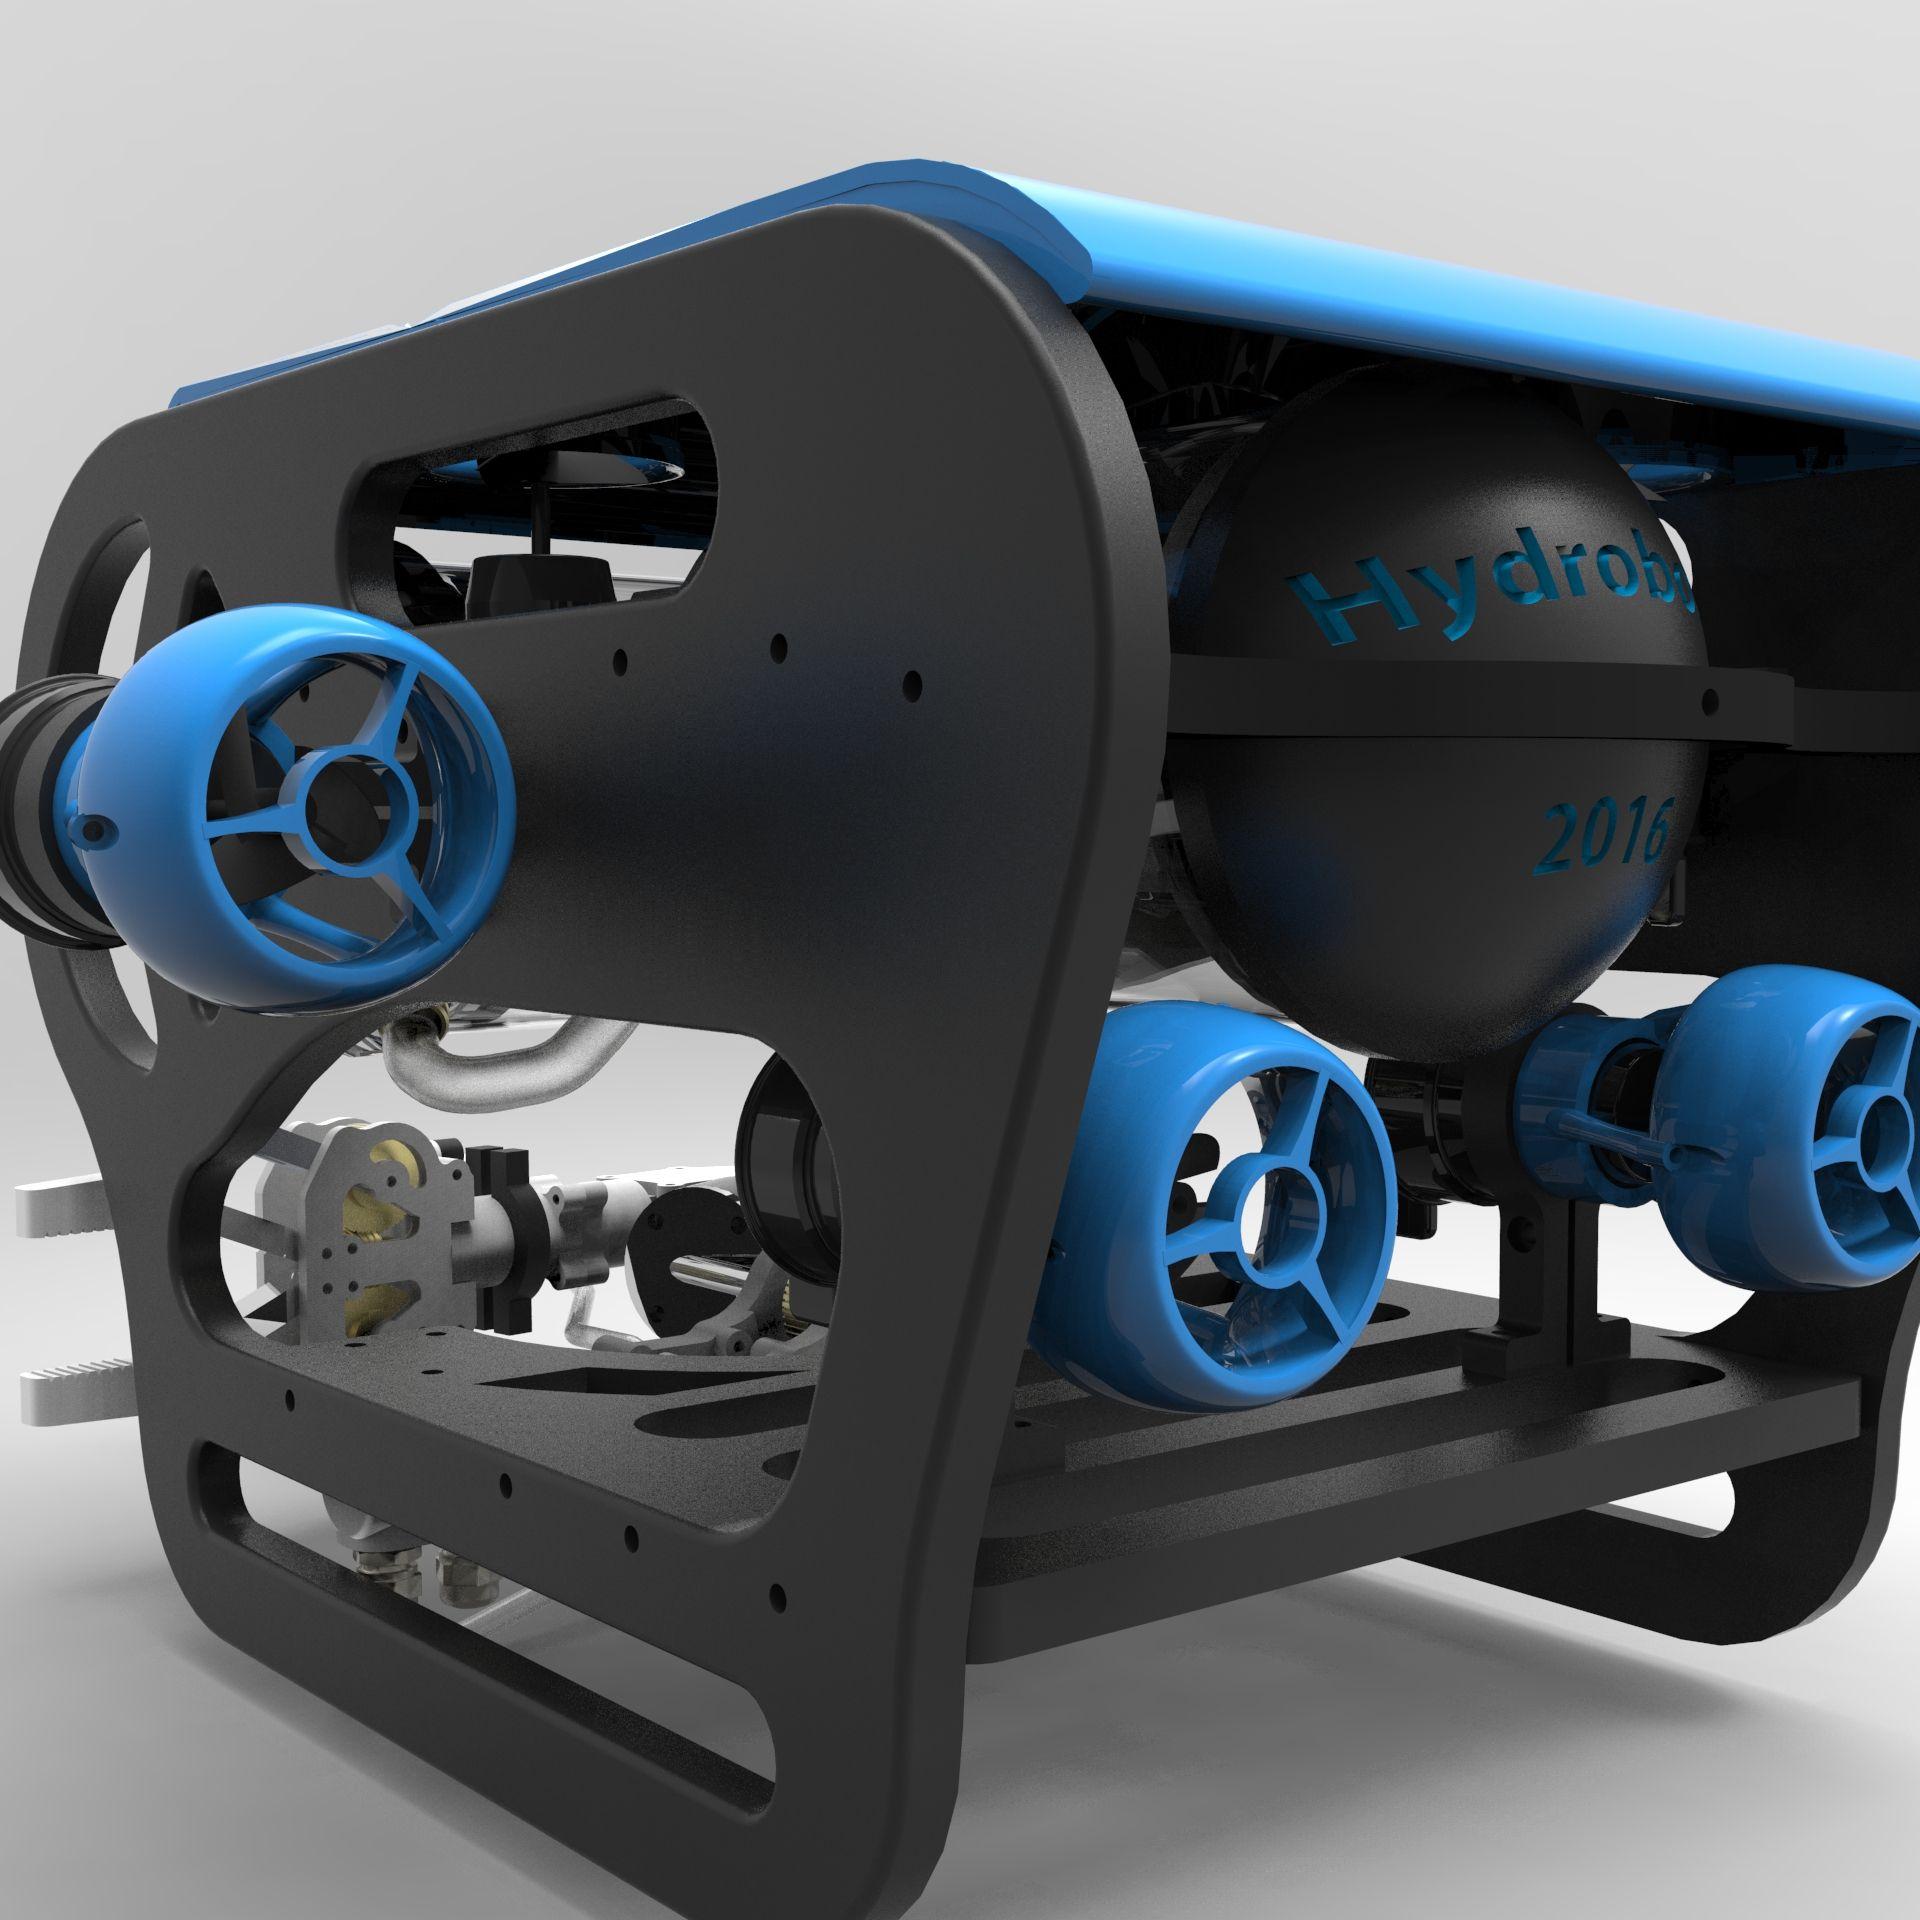 Hydra ROV robot Design | ROV in 2019 | Robot design, Robot